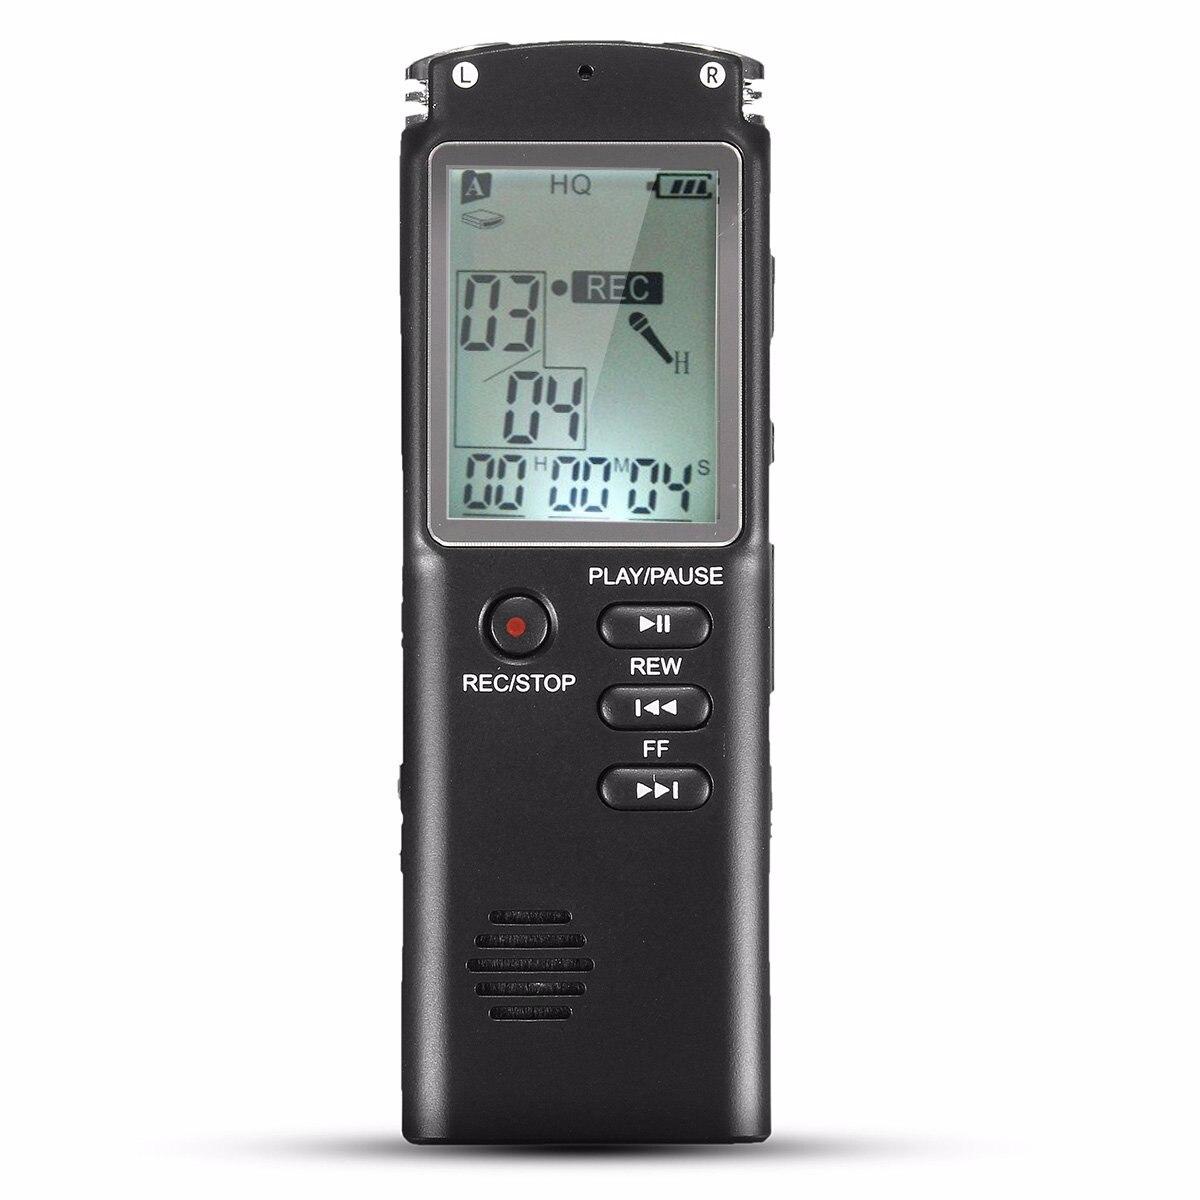 Высокое качество 8 ГБ Портативный Перезаряжаемые ЖК-дисплей Цифровой Аудио Голос Регистраторы диктофон плеер с наушниками Встроенный микрофон